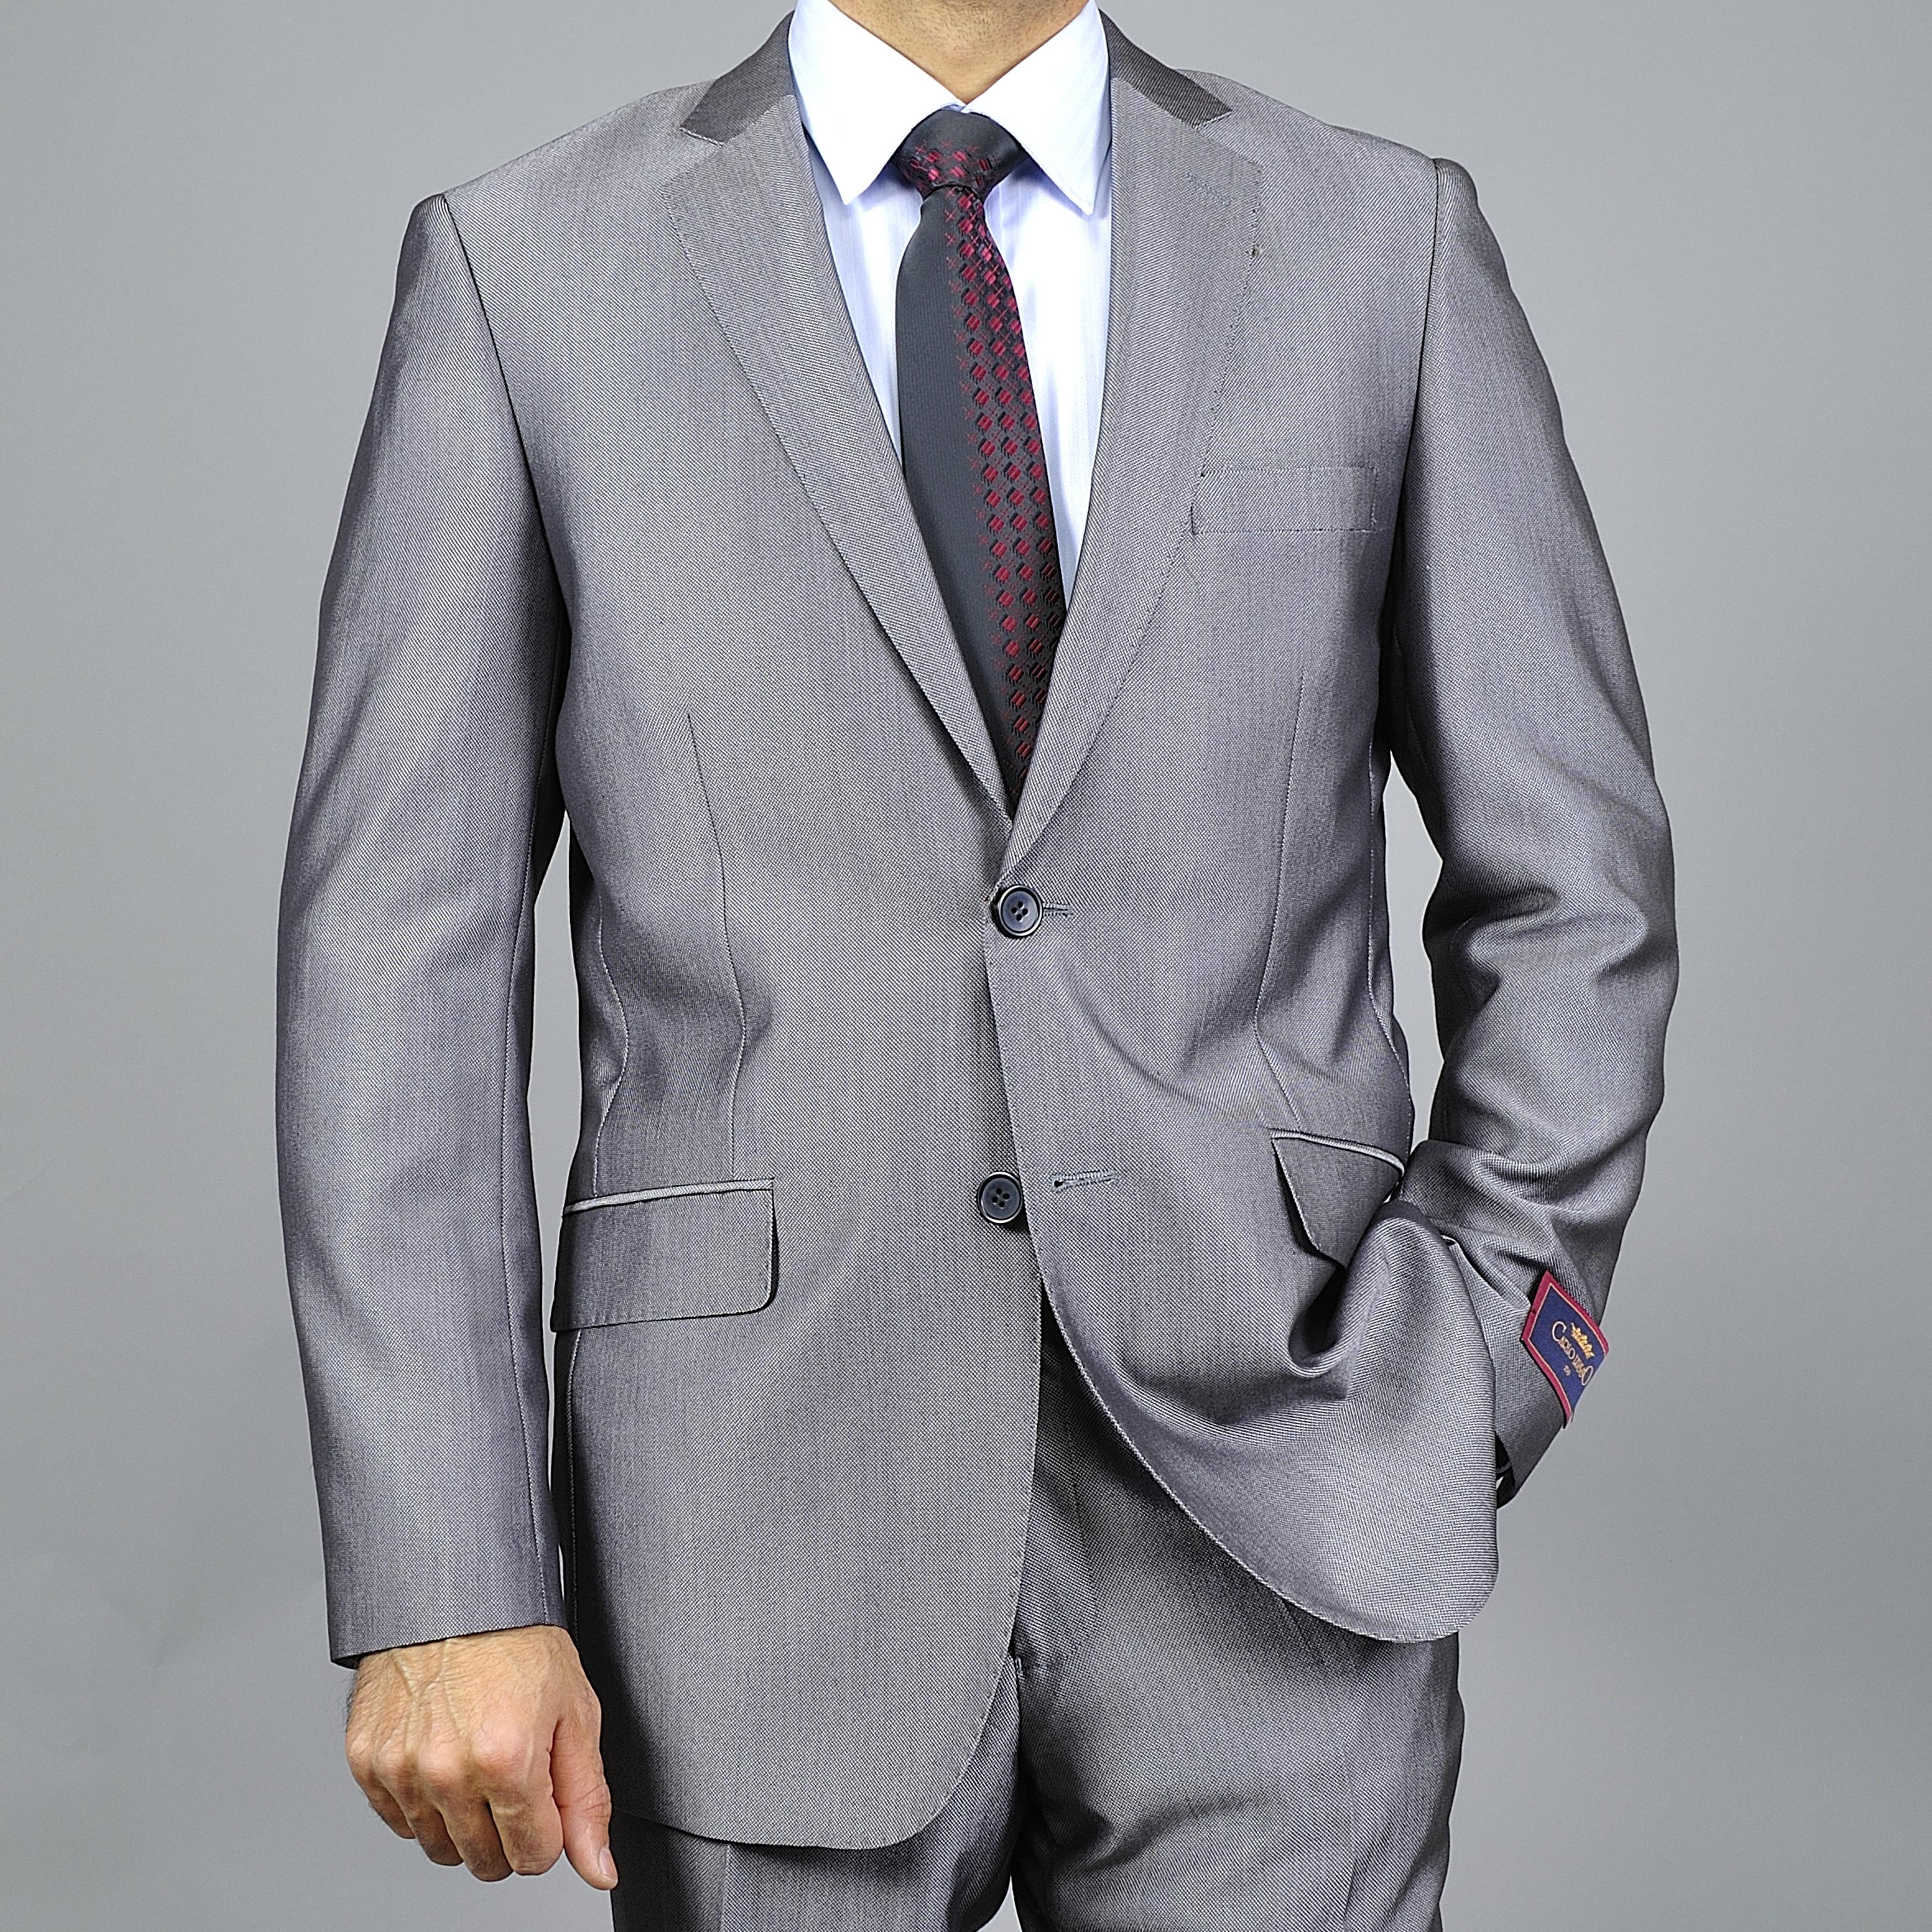 Men's Slim-Fit Silver Grey 2-Button Suit